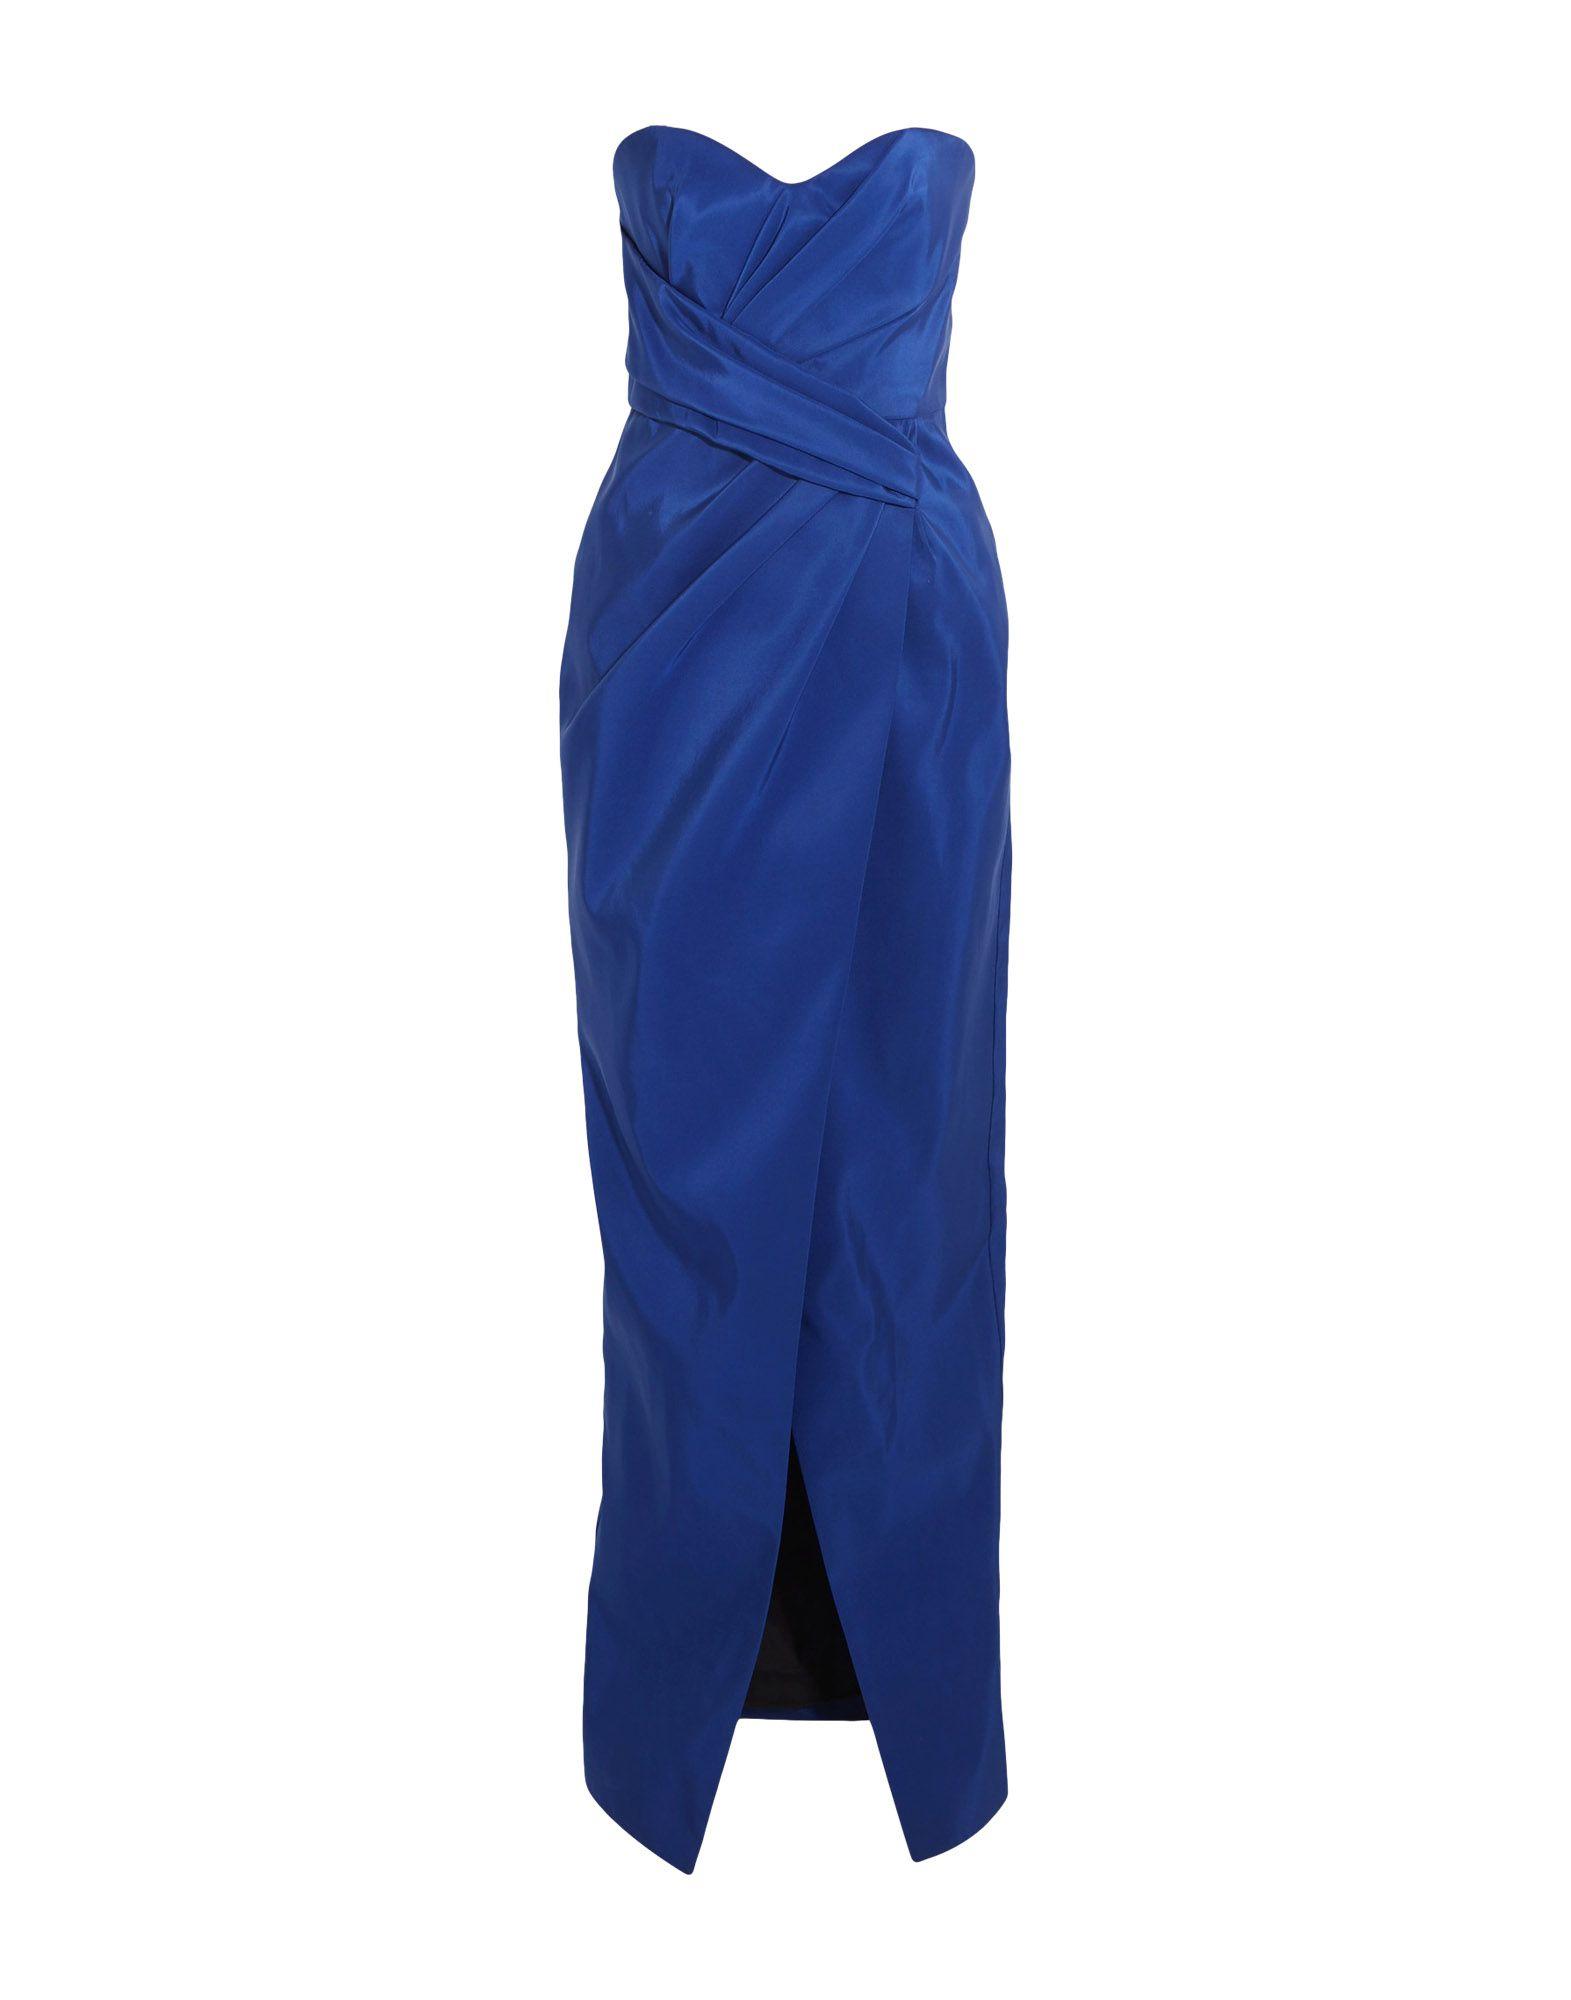 《送料無料》J.MENDEL レディース ロングワンピース&ドレス ブルー 10 100% シルク